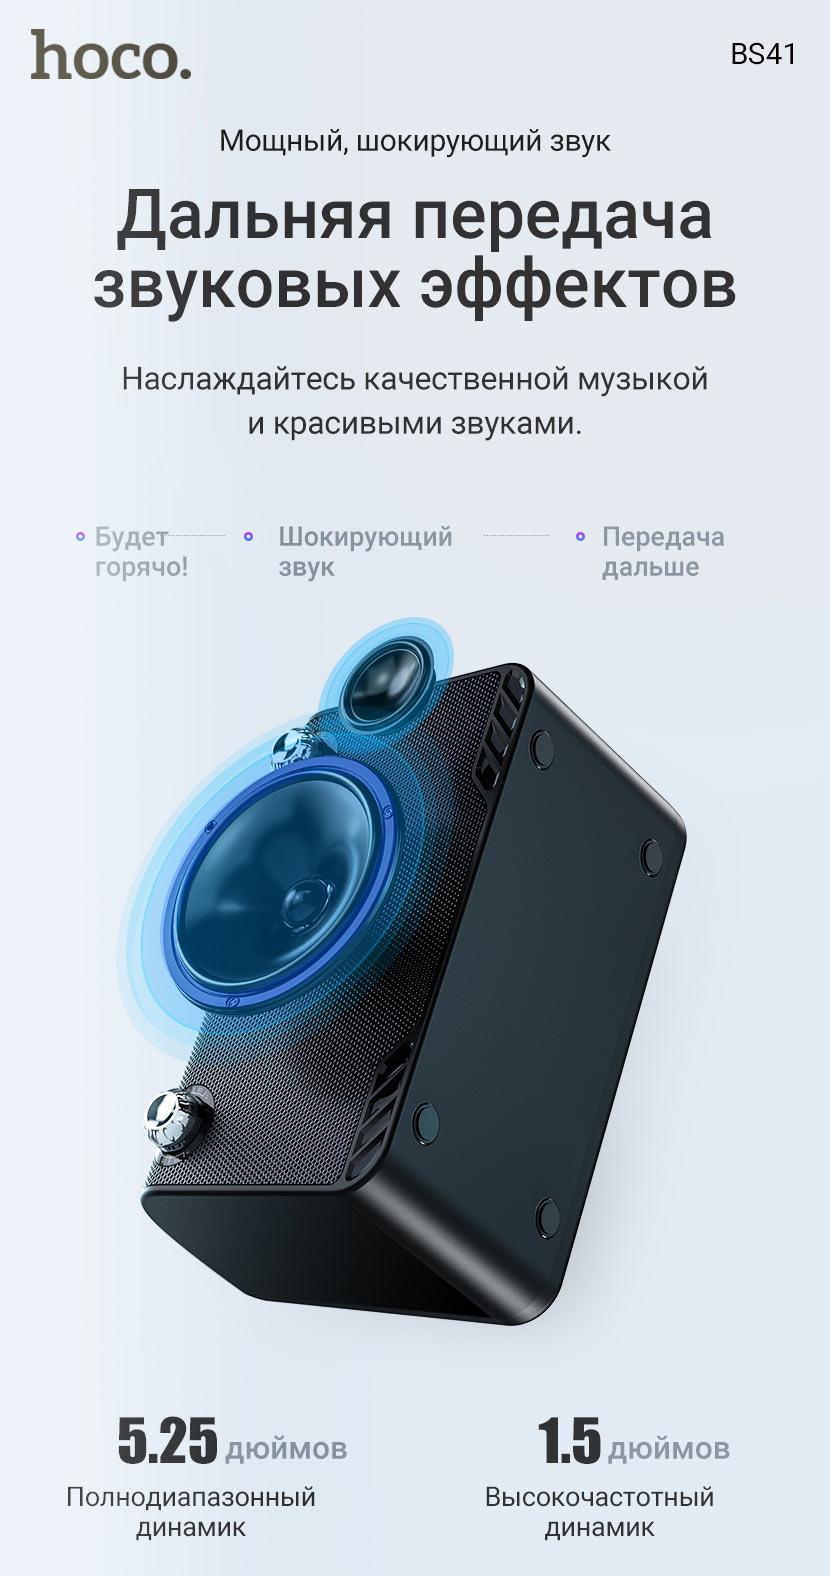 hoco news bs41 warm sound k song wireless speaker effects ru